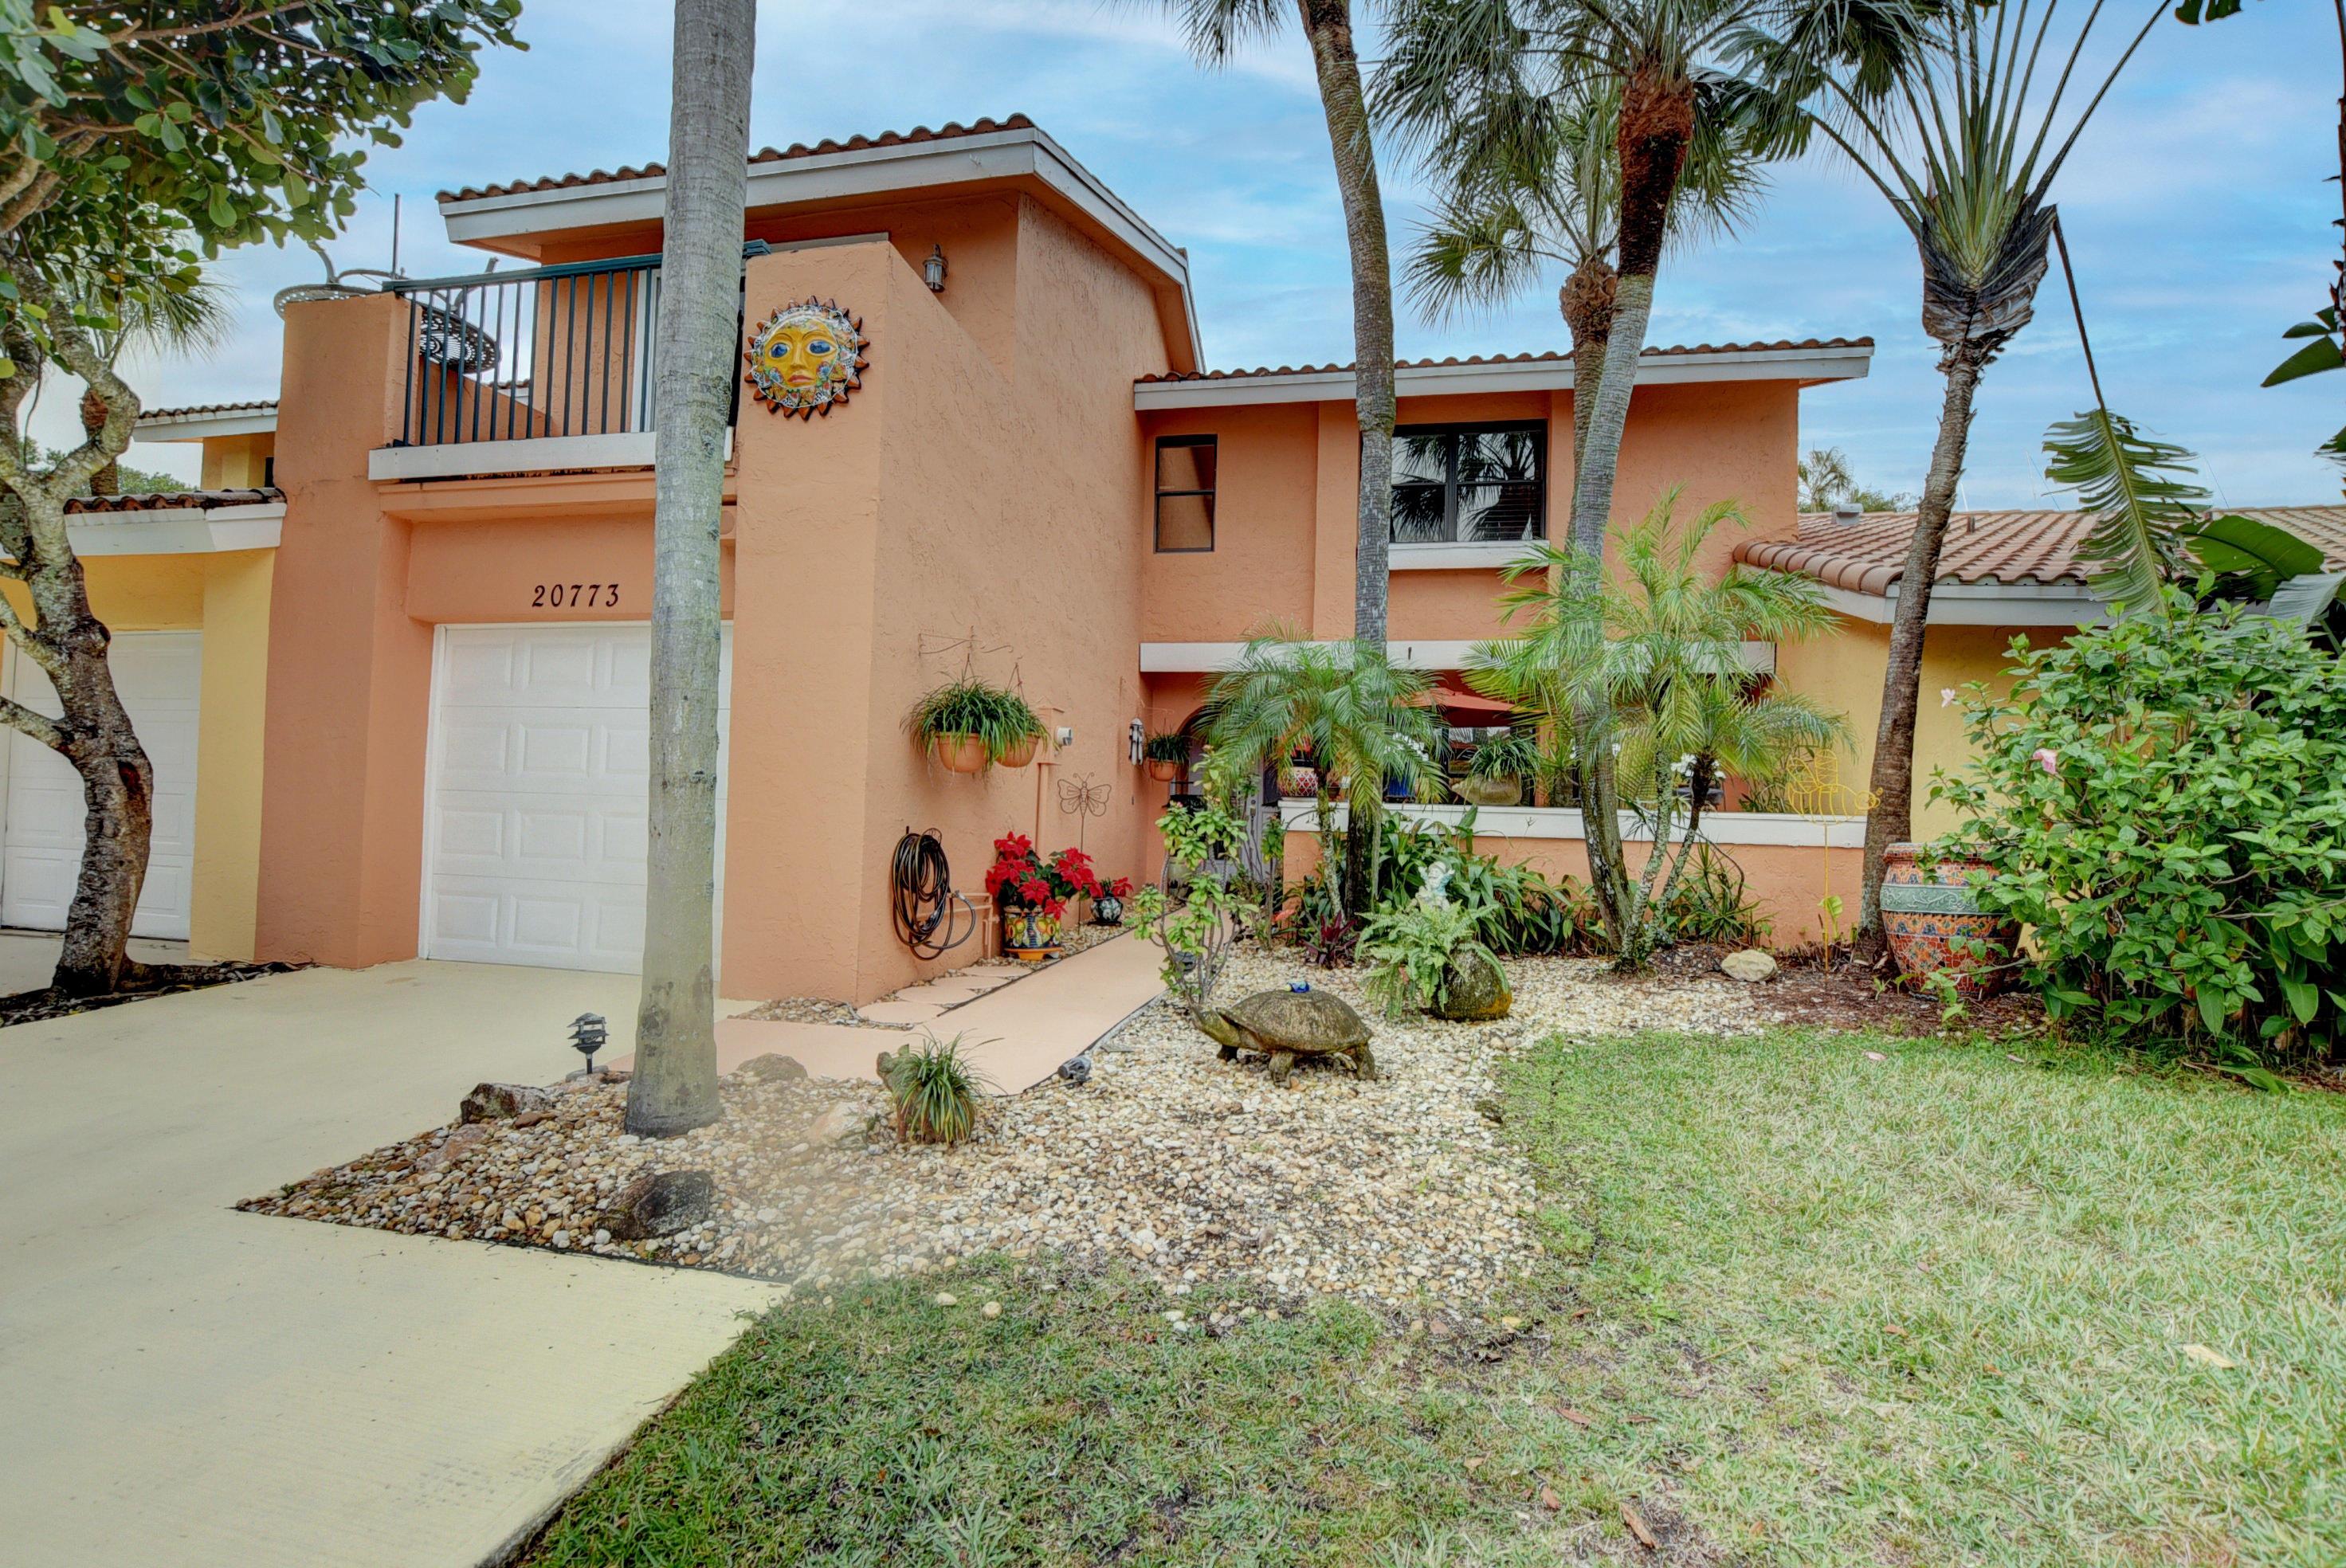 Home for sale in ESTADA OF LOS PASEOS Boca Raton Florida